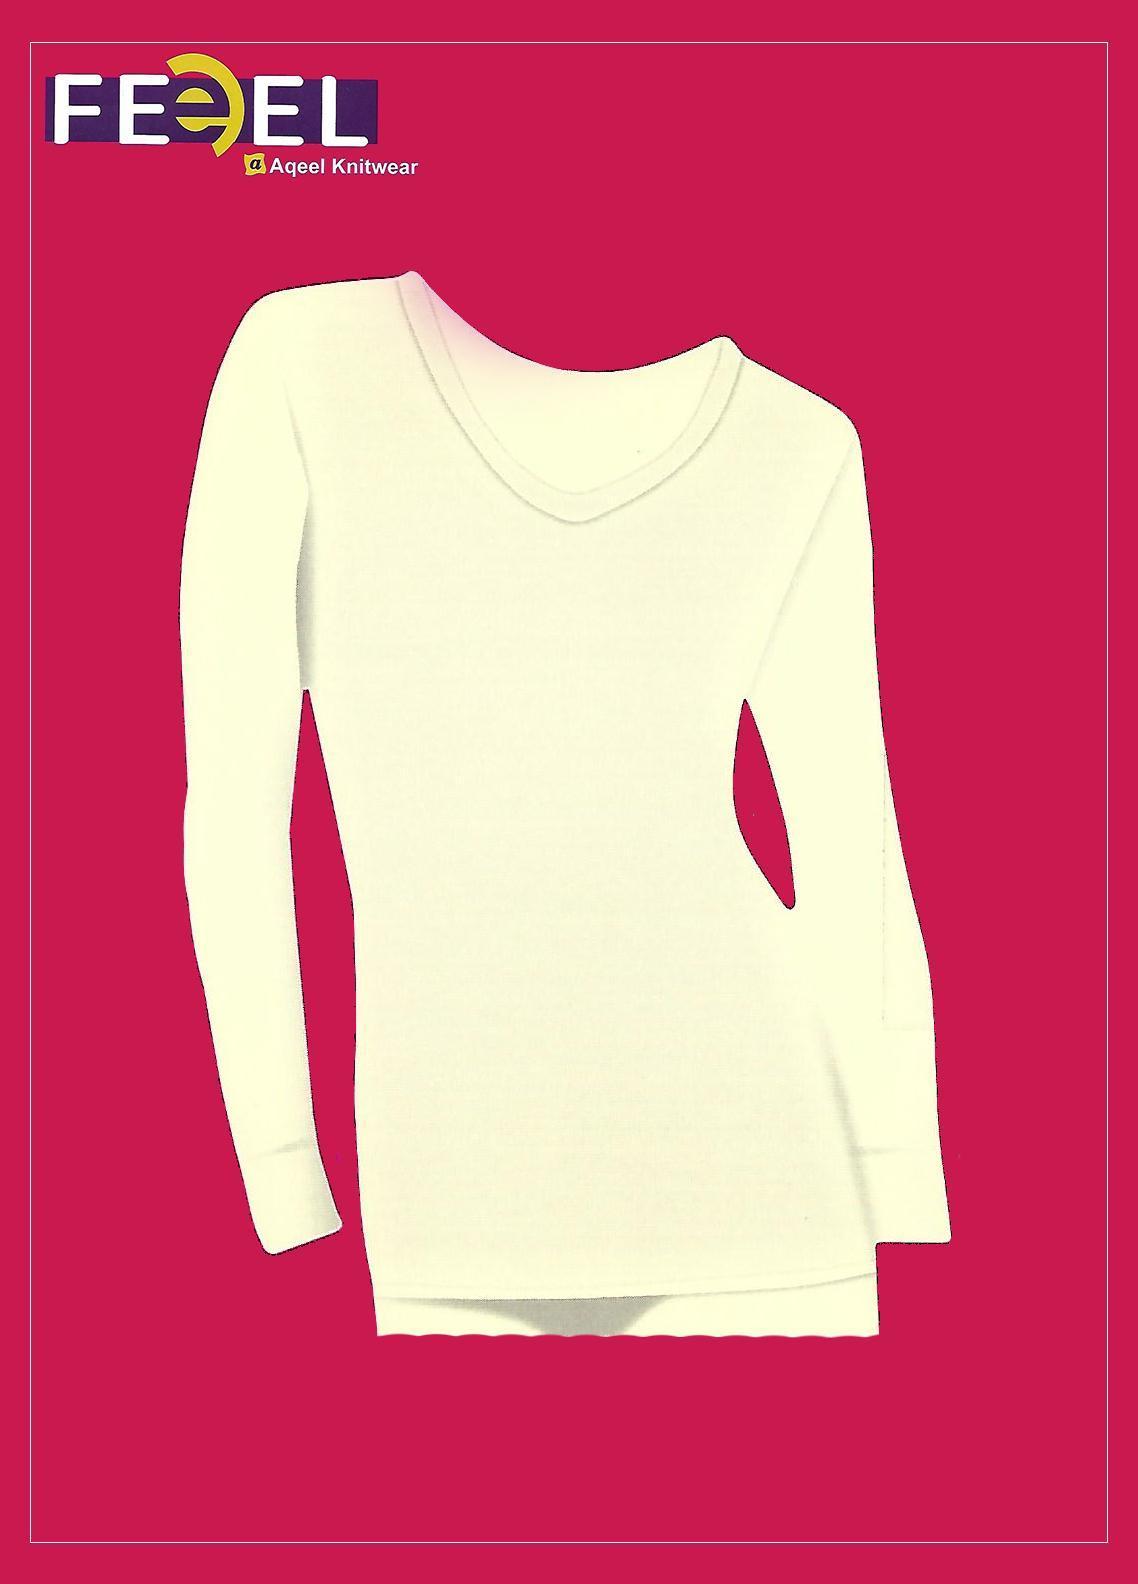 Feel Inner Wear Jersey Body Warmer Sando 2 Fawn Color